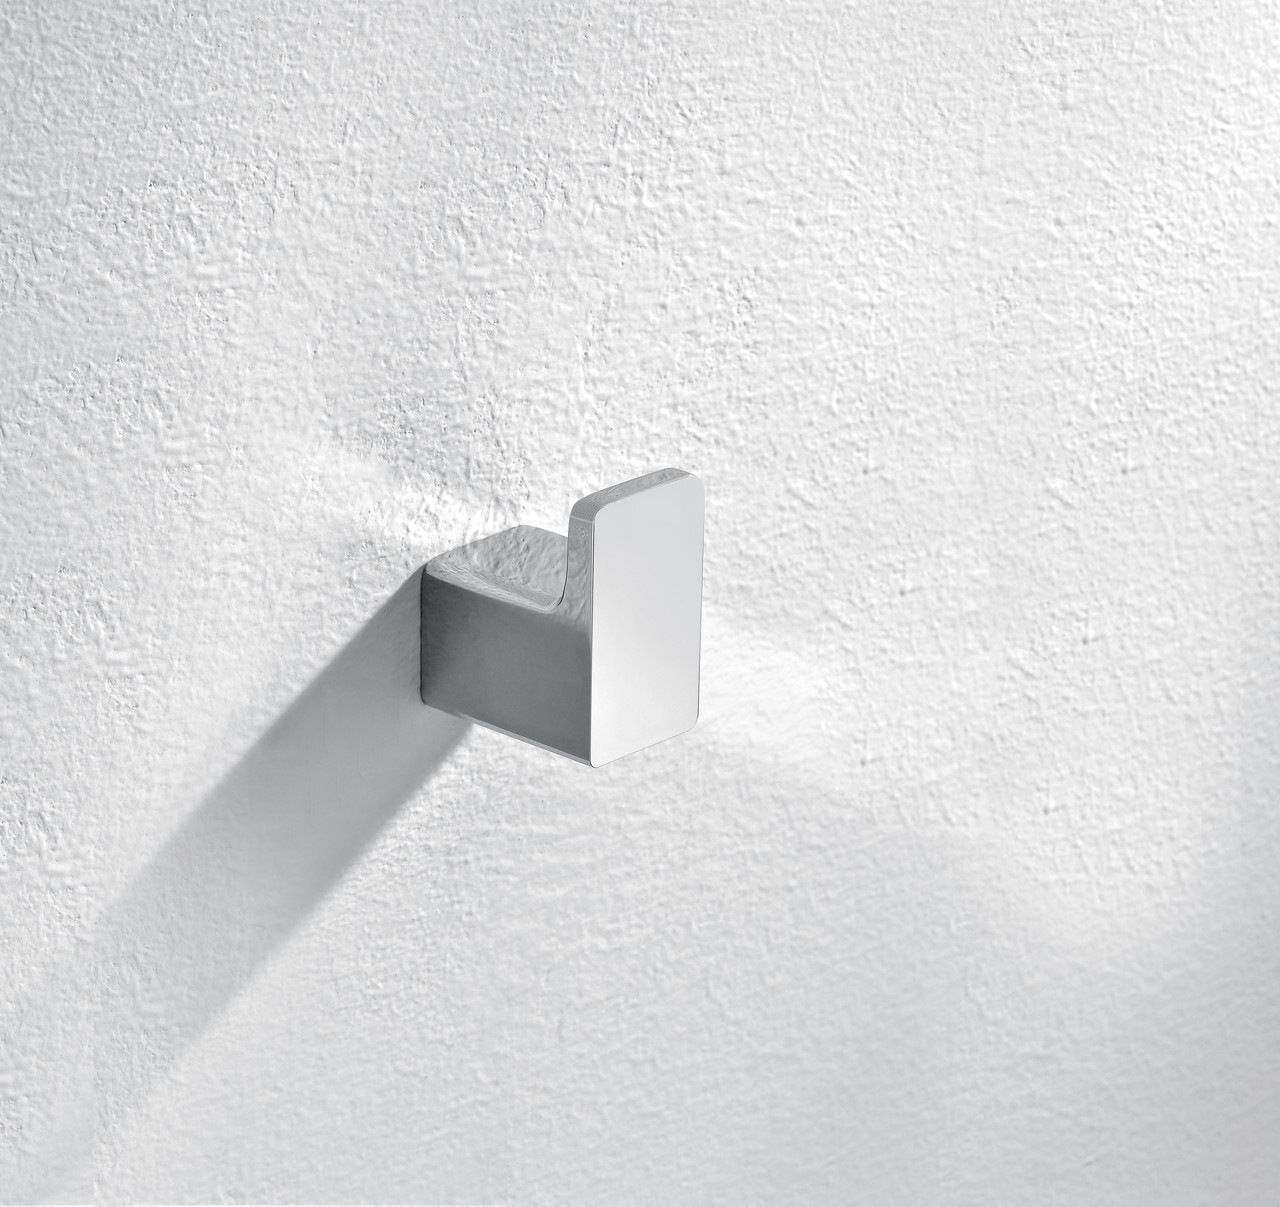 Крючок одинарный Intense 65603800 ASIGNATURA, Крючок для полотенец хром